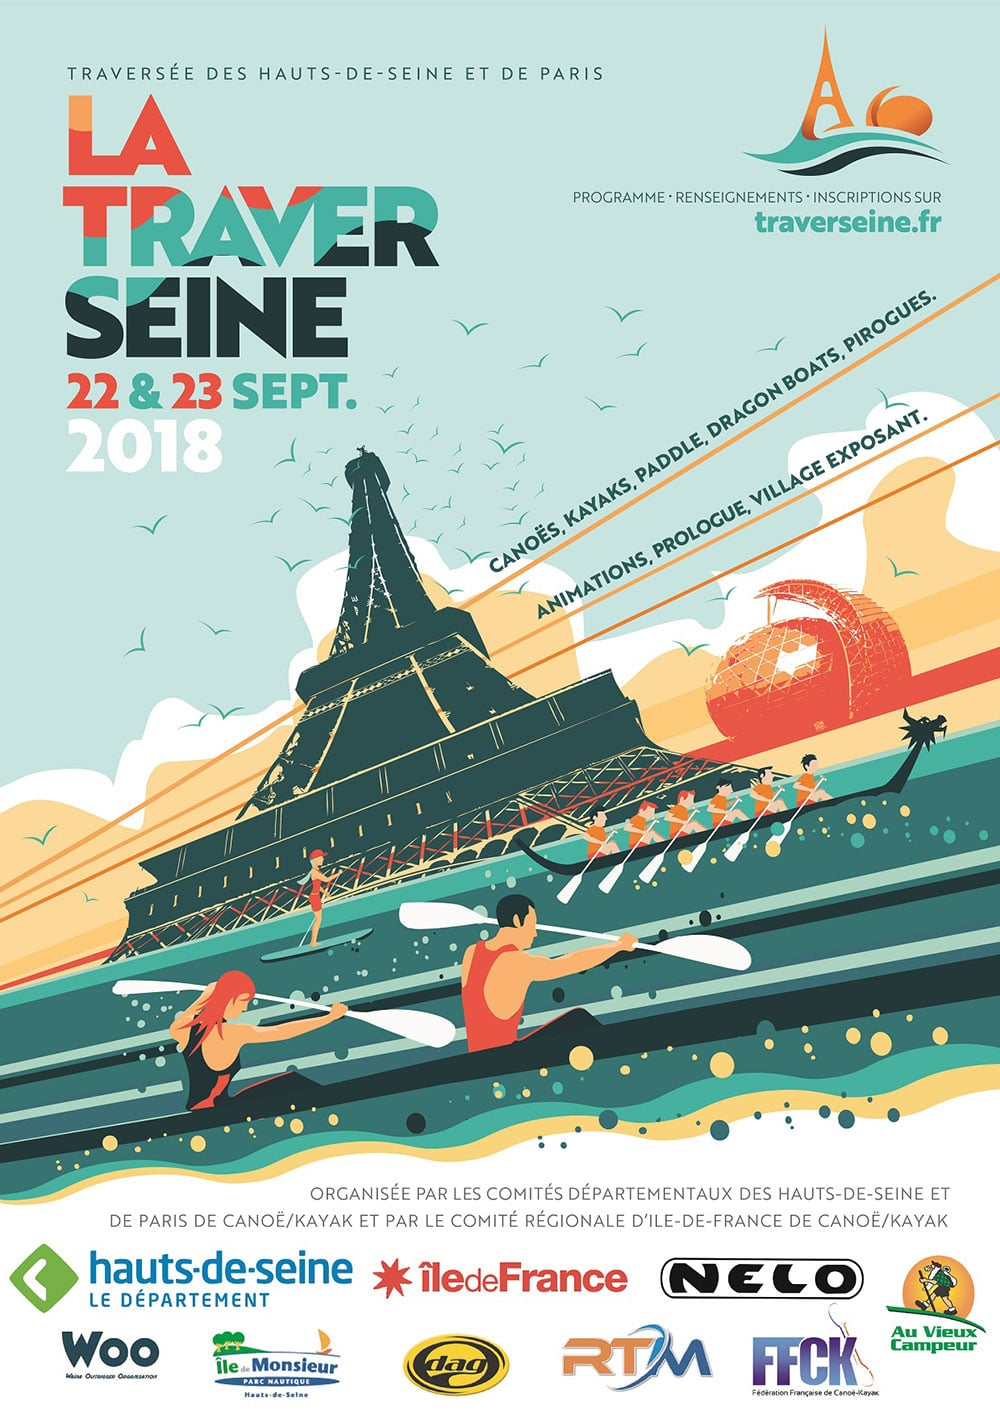 La traversée de Paris en stand up paddle avec Traverseine